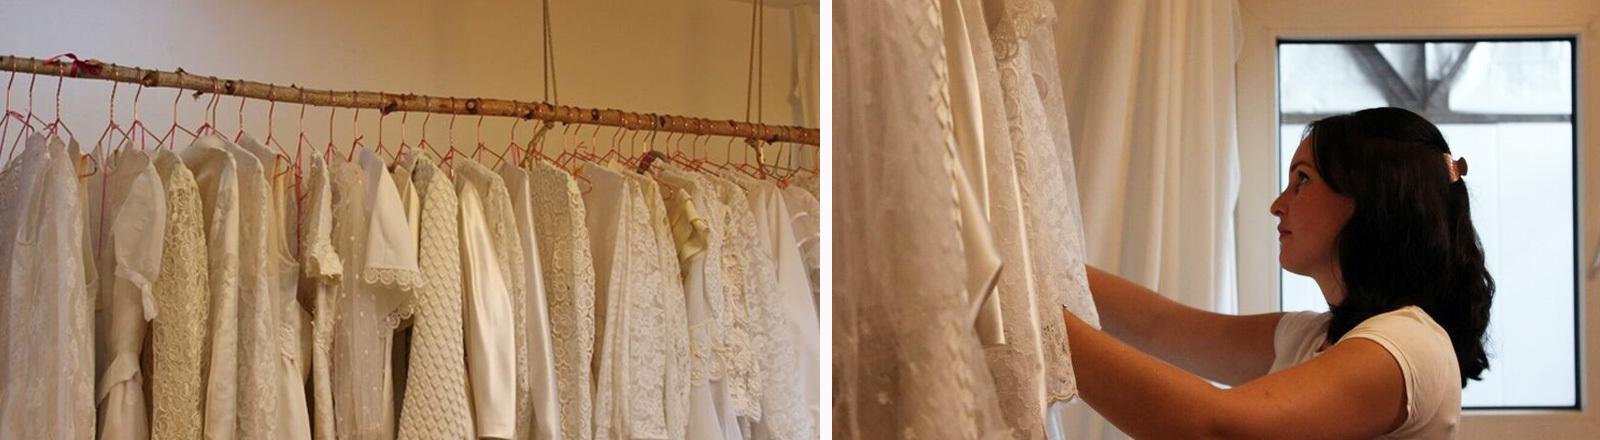 Second-Hand-Brautkleider am Kleiderhaken. Daneben: Eine Frau sucht nach einem passenden Kleid.